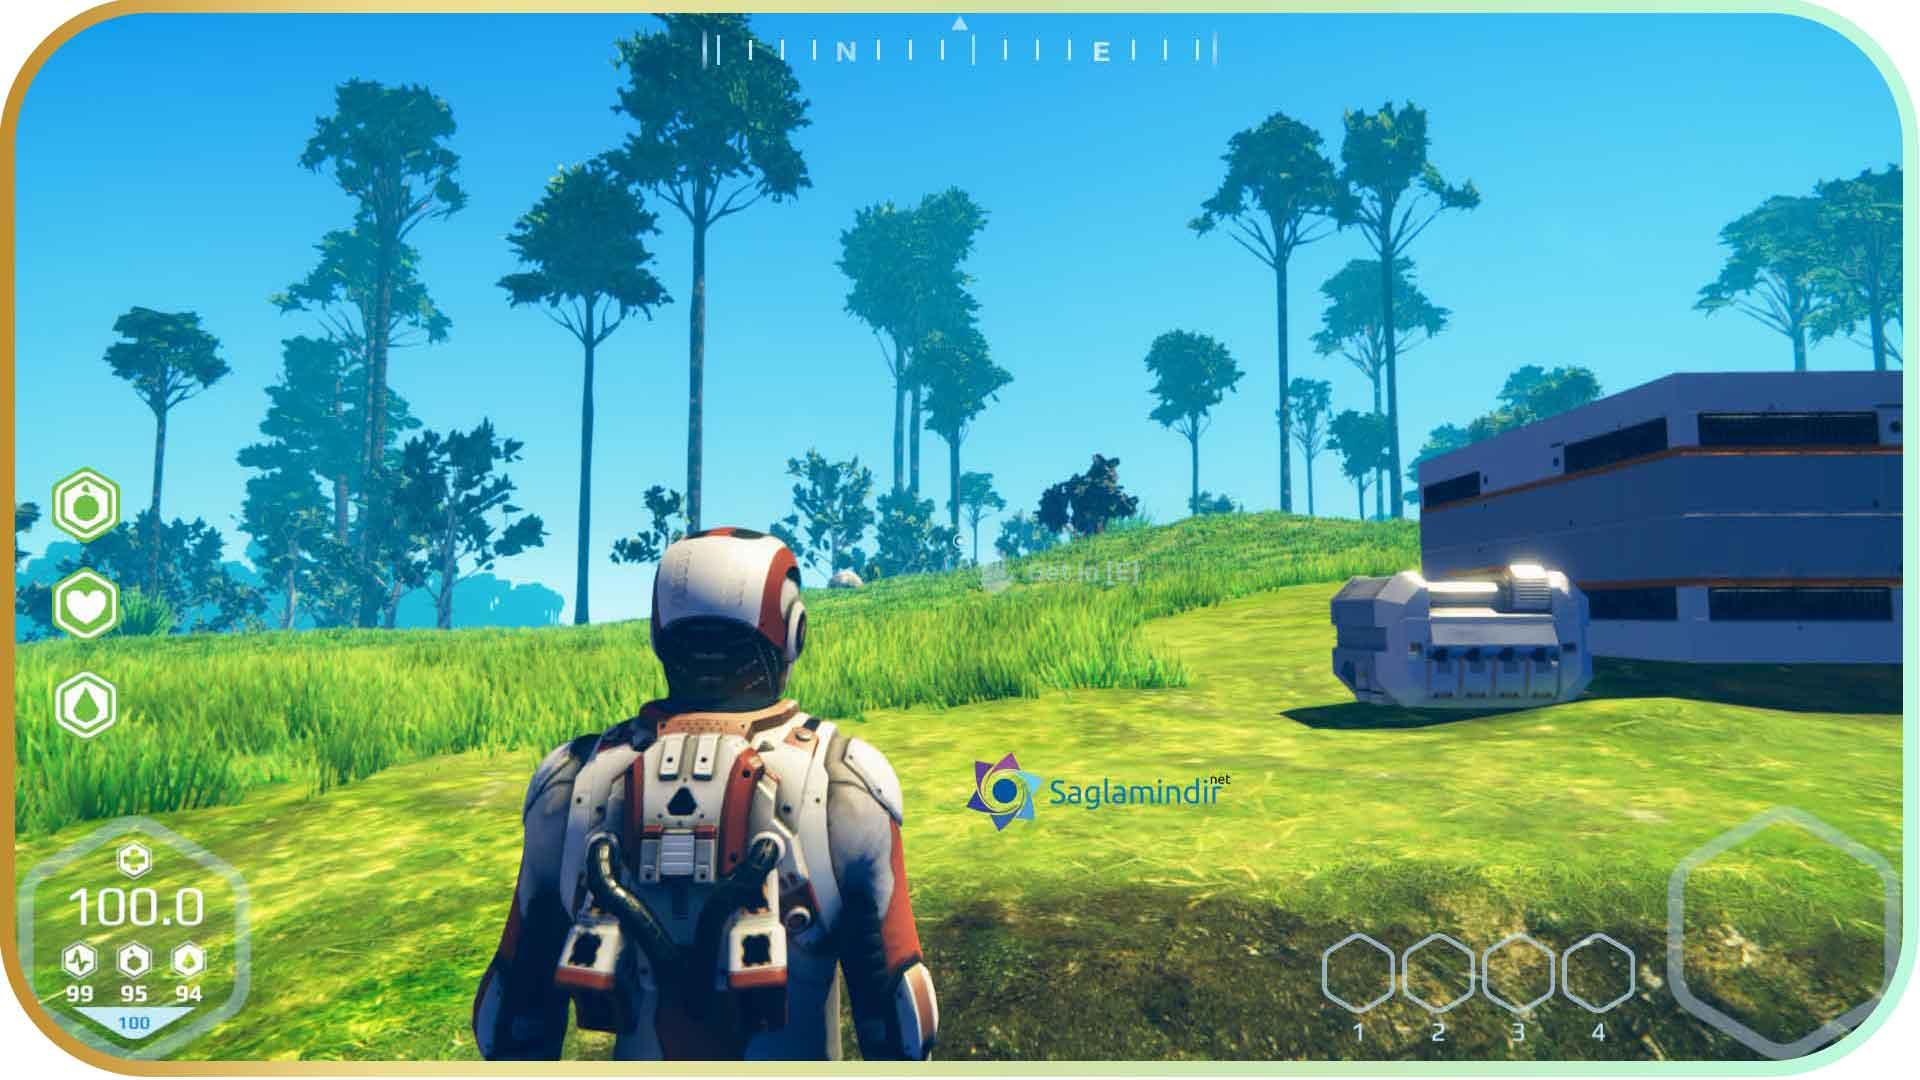 Planet Nomads saglamindir